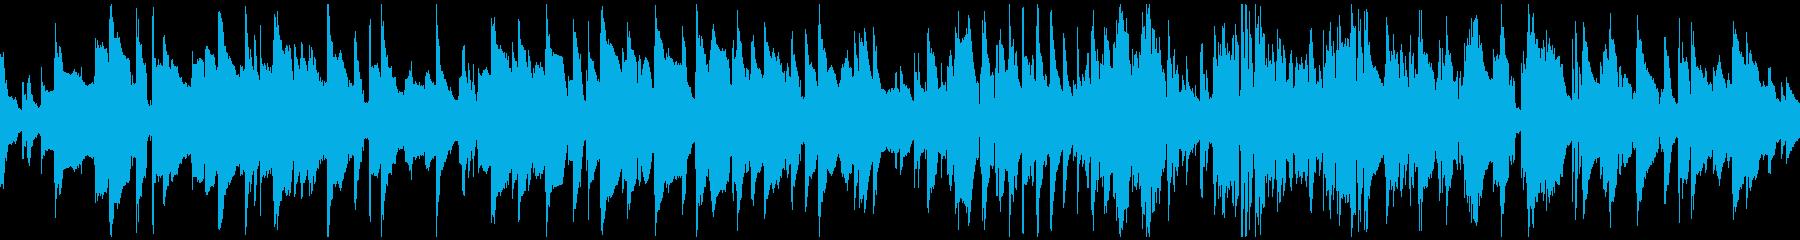 蛍の光/ジャズサックス ※ループ仕様版の再生済みの波形